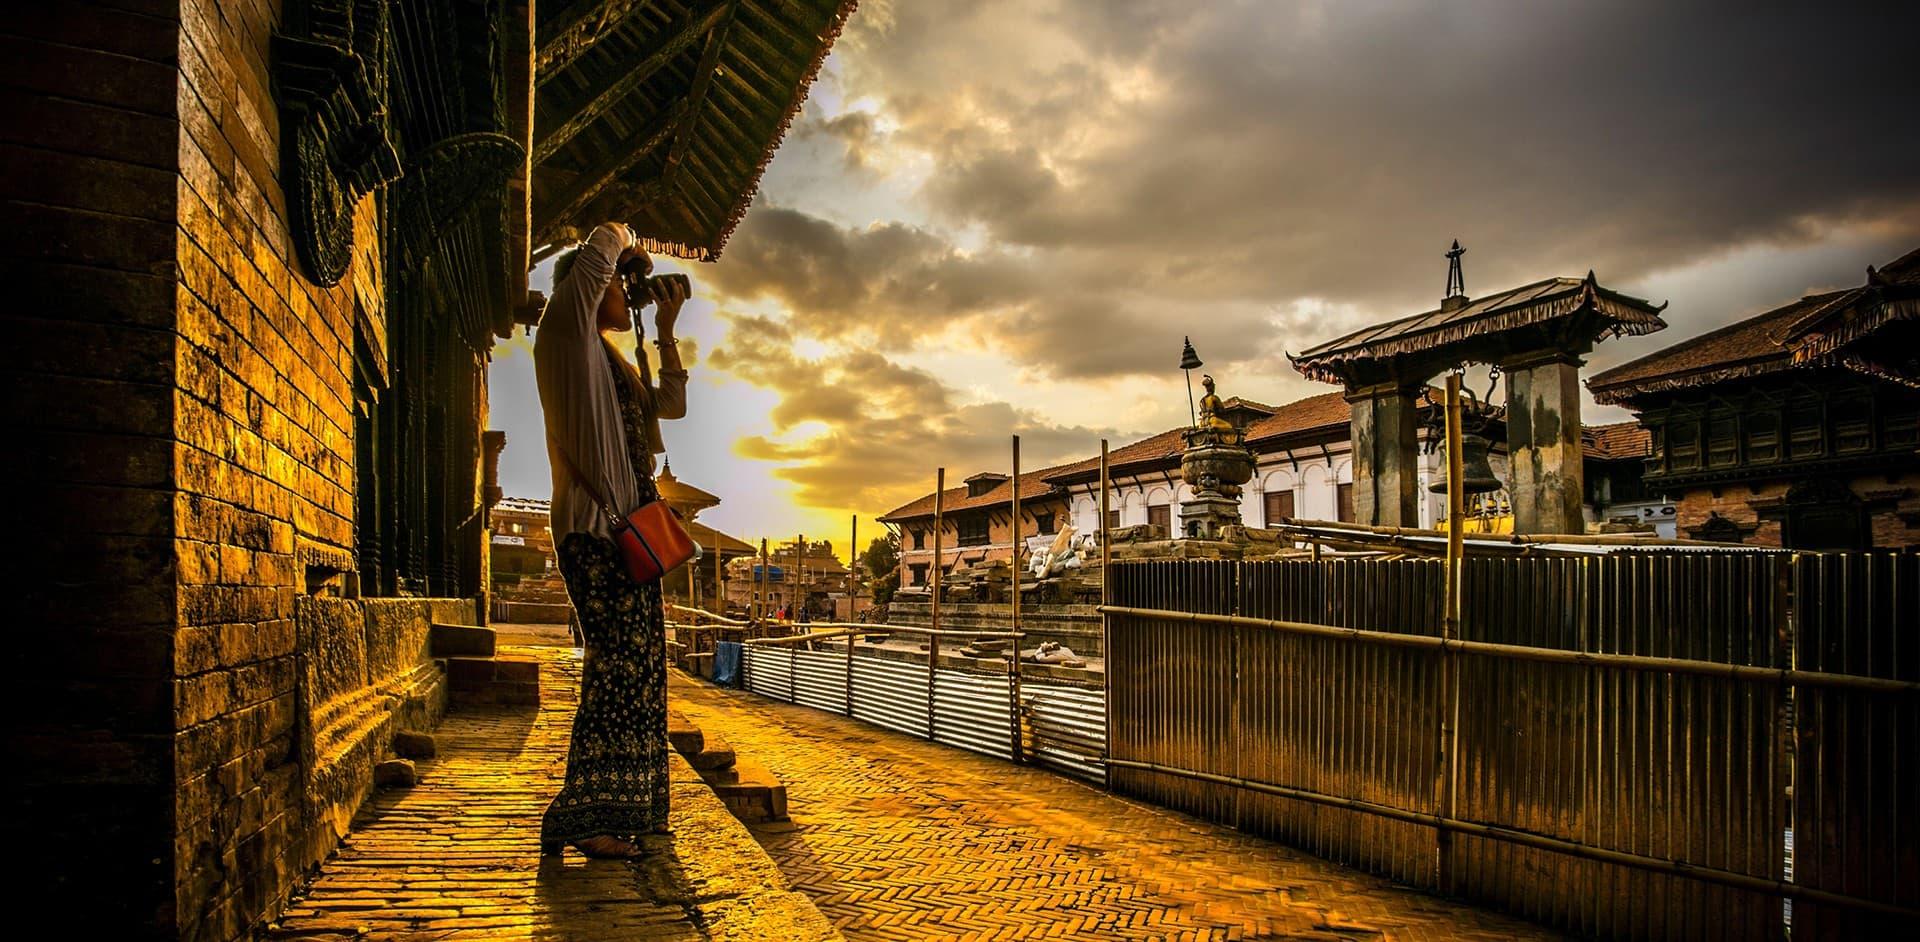 guía de viaje a Nepal .Viaje cultural katmandu.